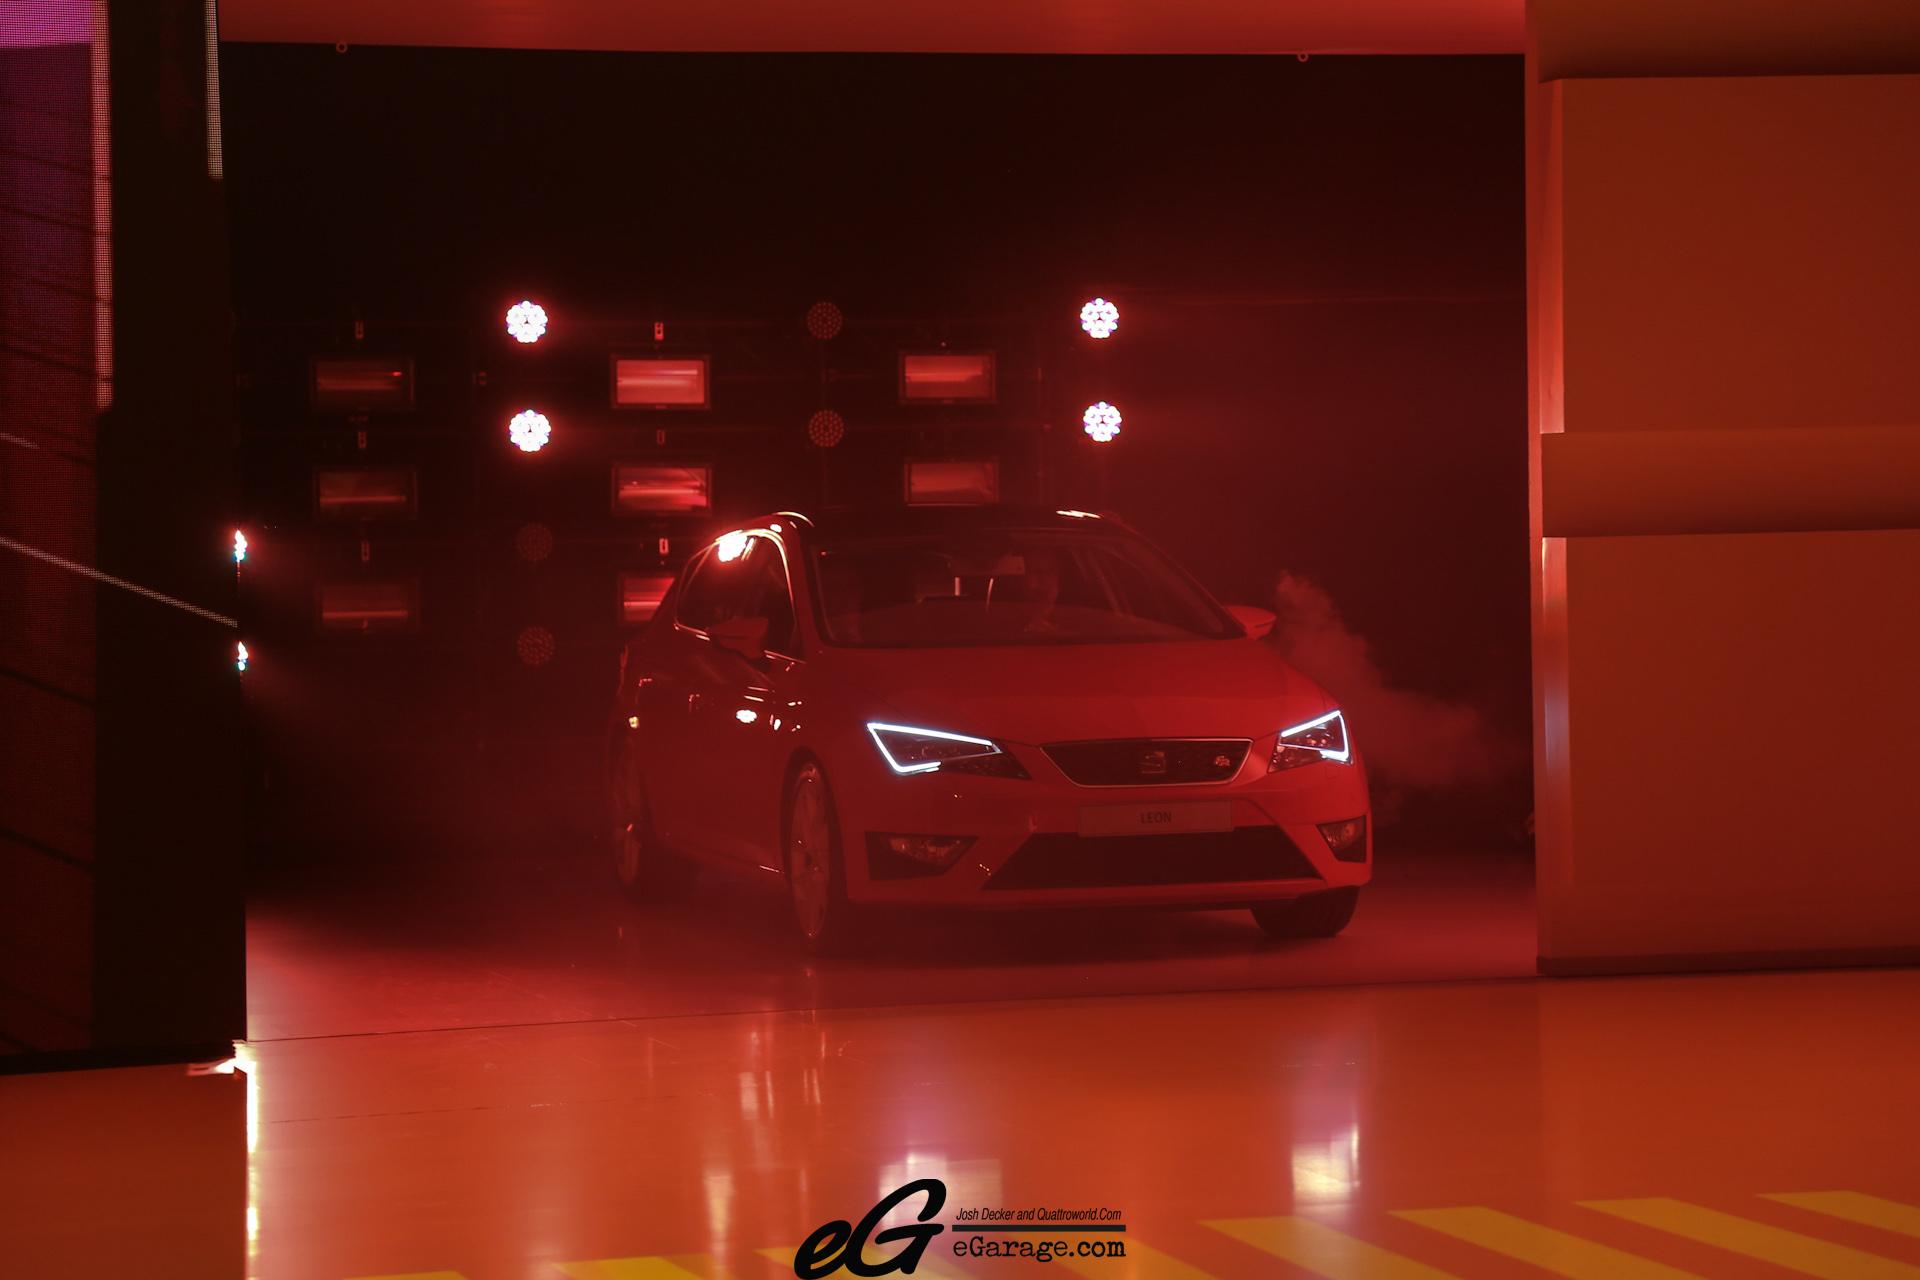 8030384842 1f0b88988c o 2012 Paris Motor Show